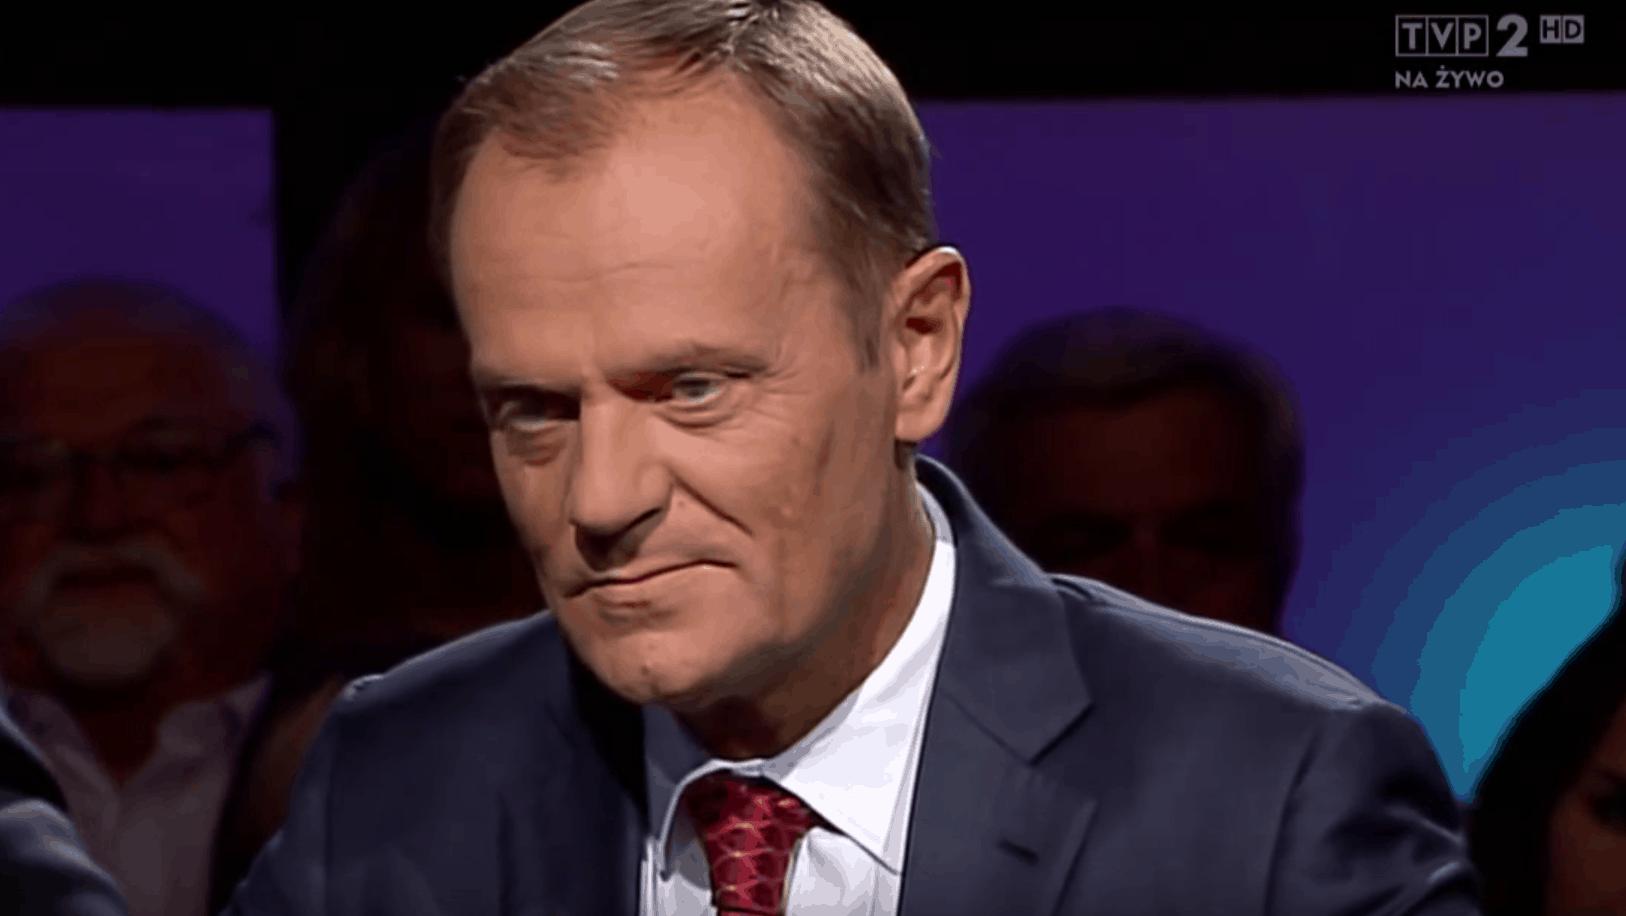 Donald Tusk znieważył Donalda Trumpa. Były premier postanowił skomentować w dość osobliwy sposób to co wydarzyło się w Kongresie